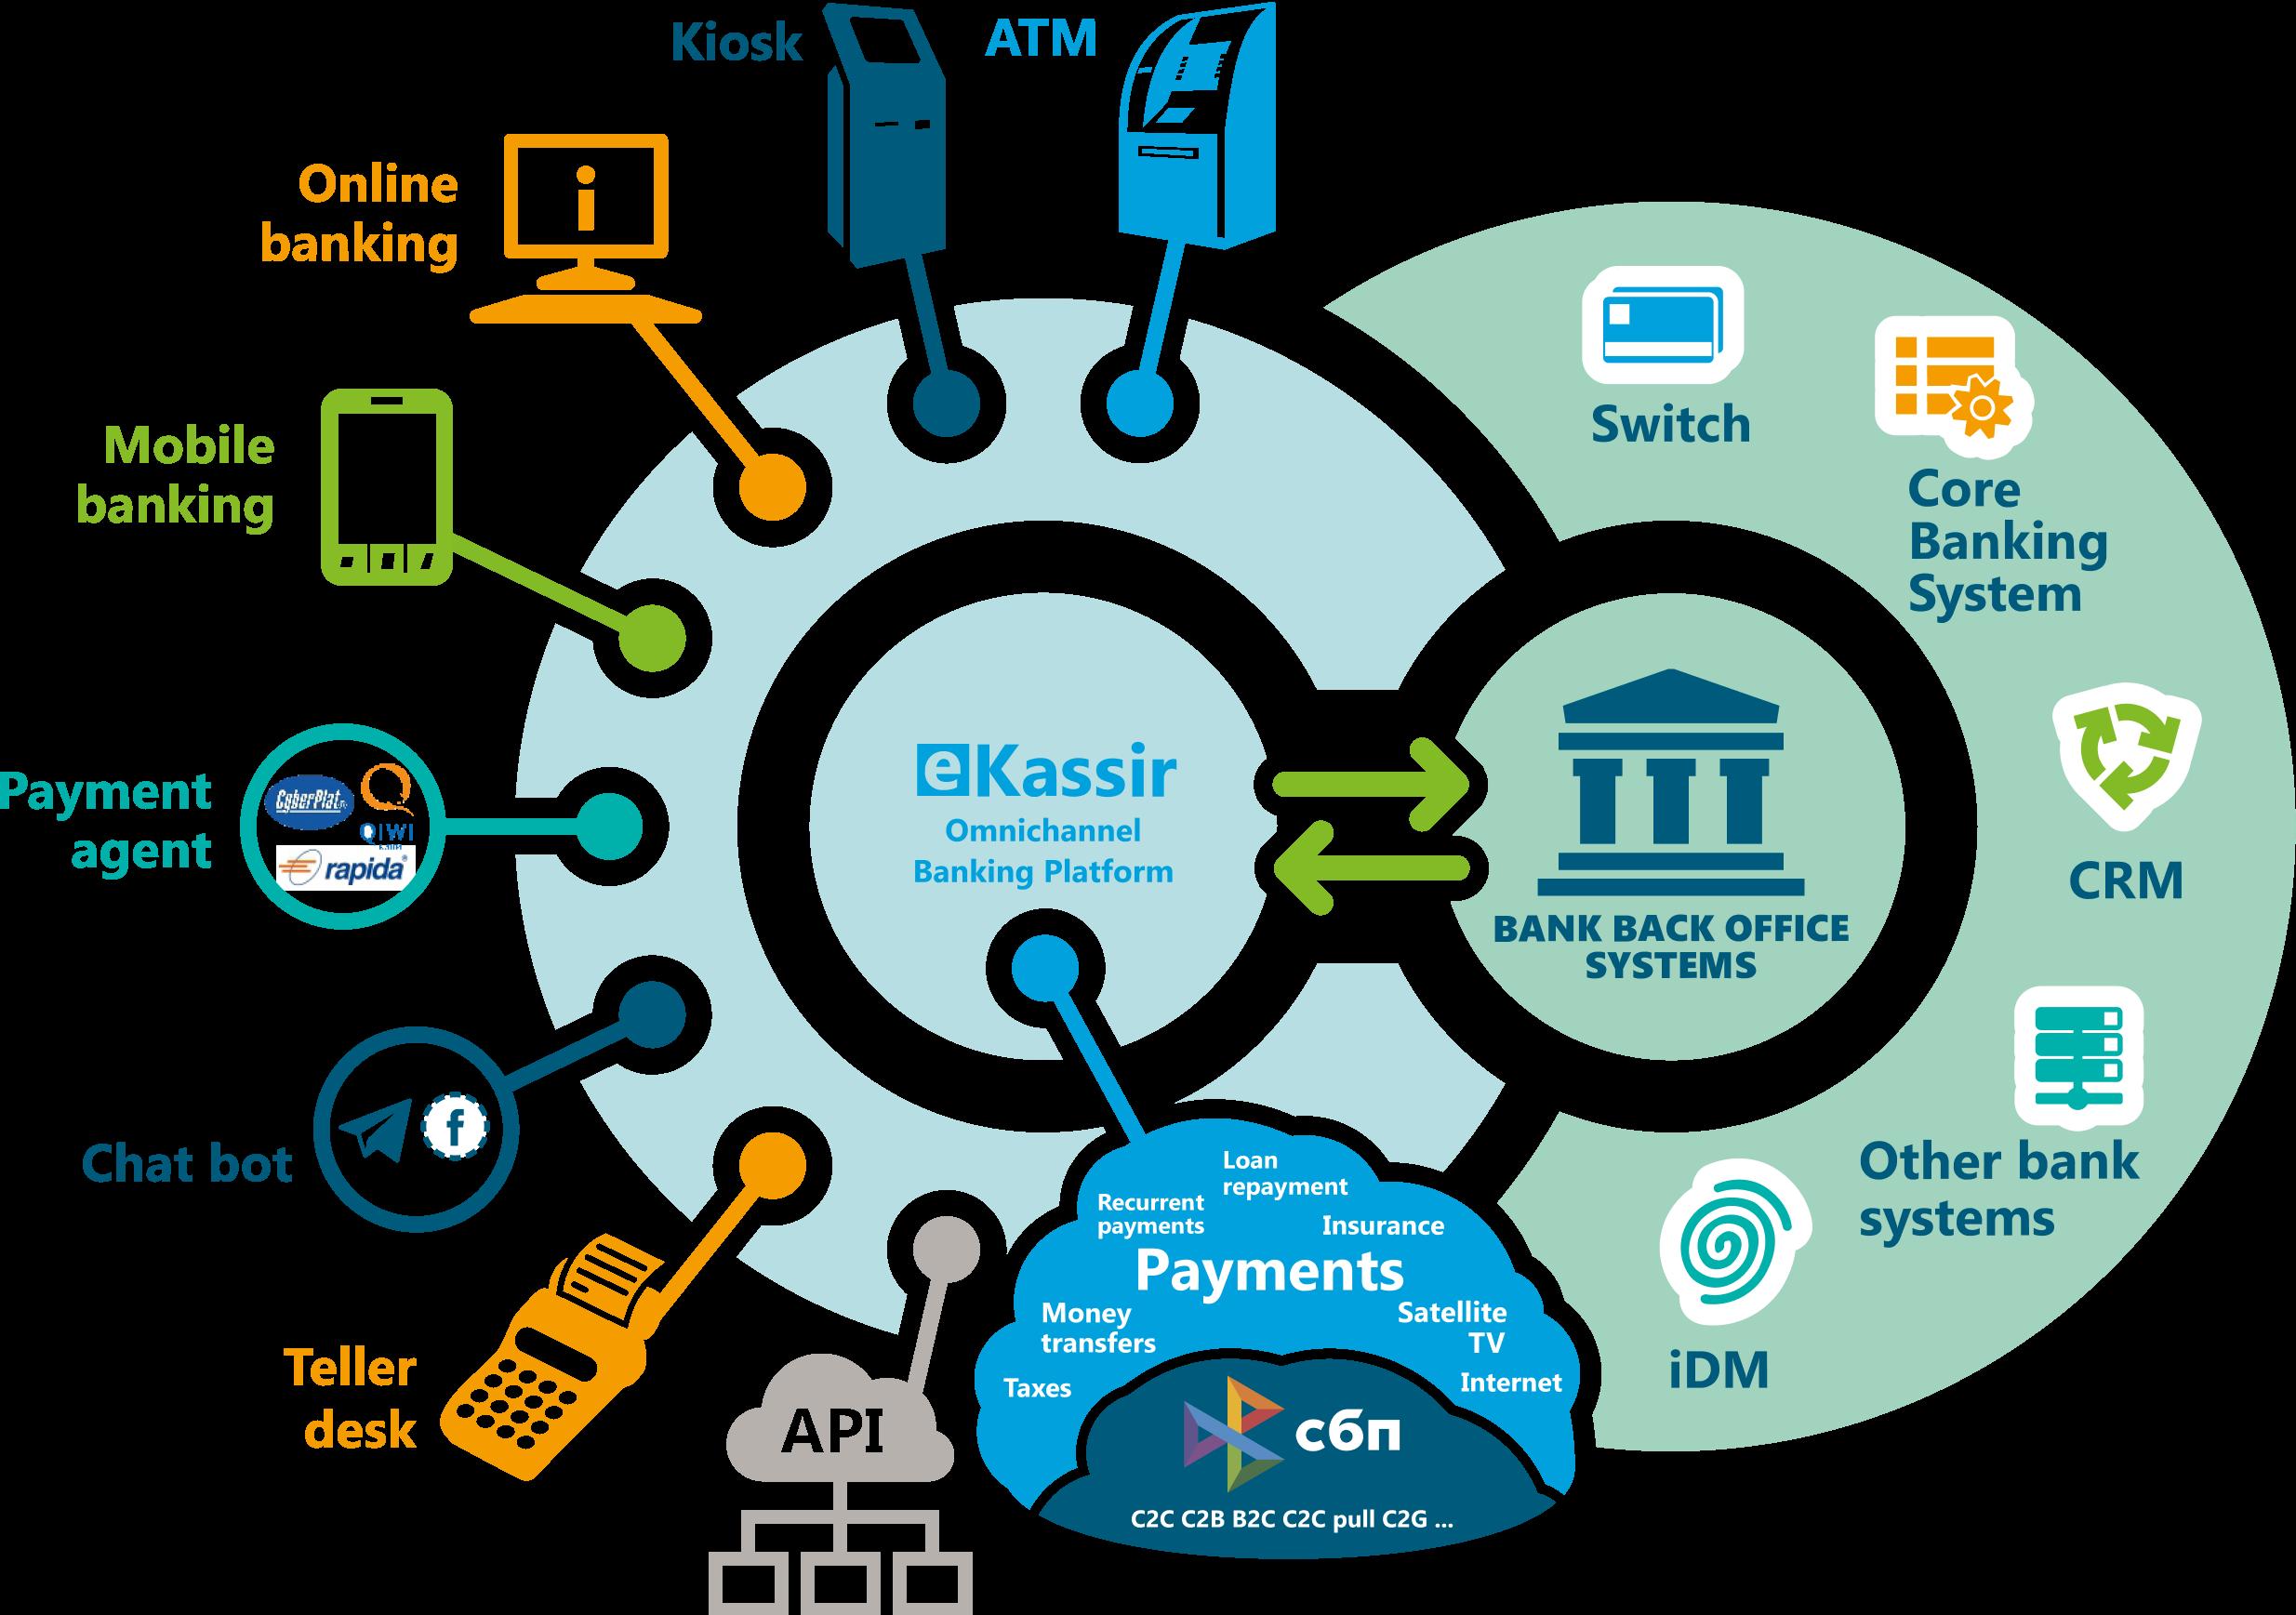 ИТ-платформа для построения многоканального обслуживания клиентов в современном цифровом банке.